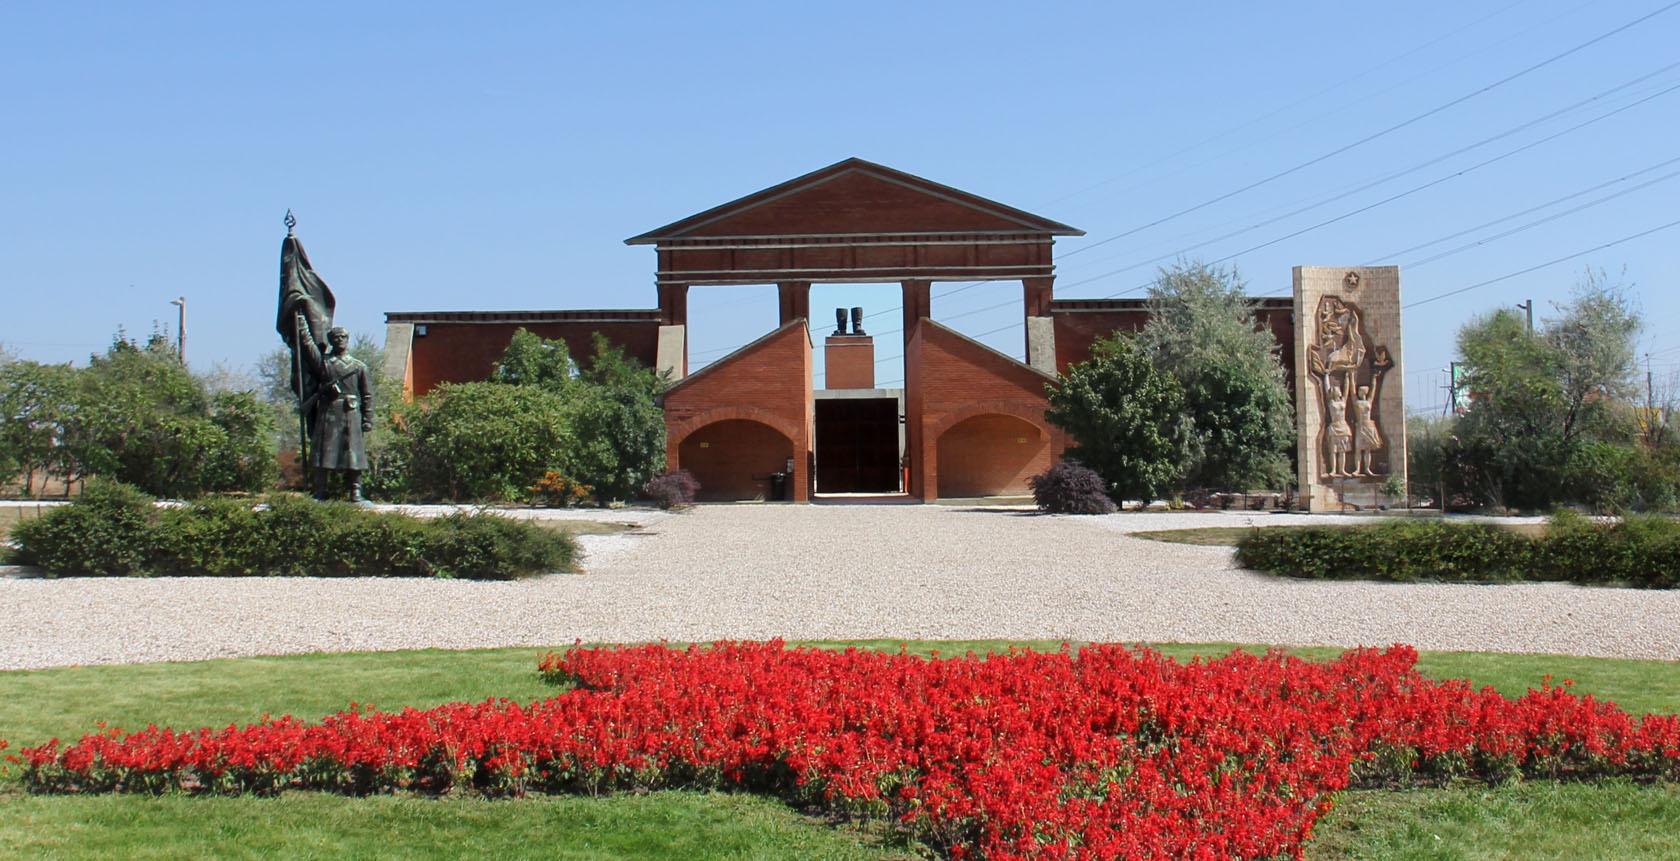 Budapeste - Memento Park o parque das estatuas - Blog Vontade de Viajar